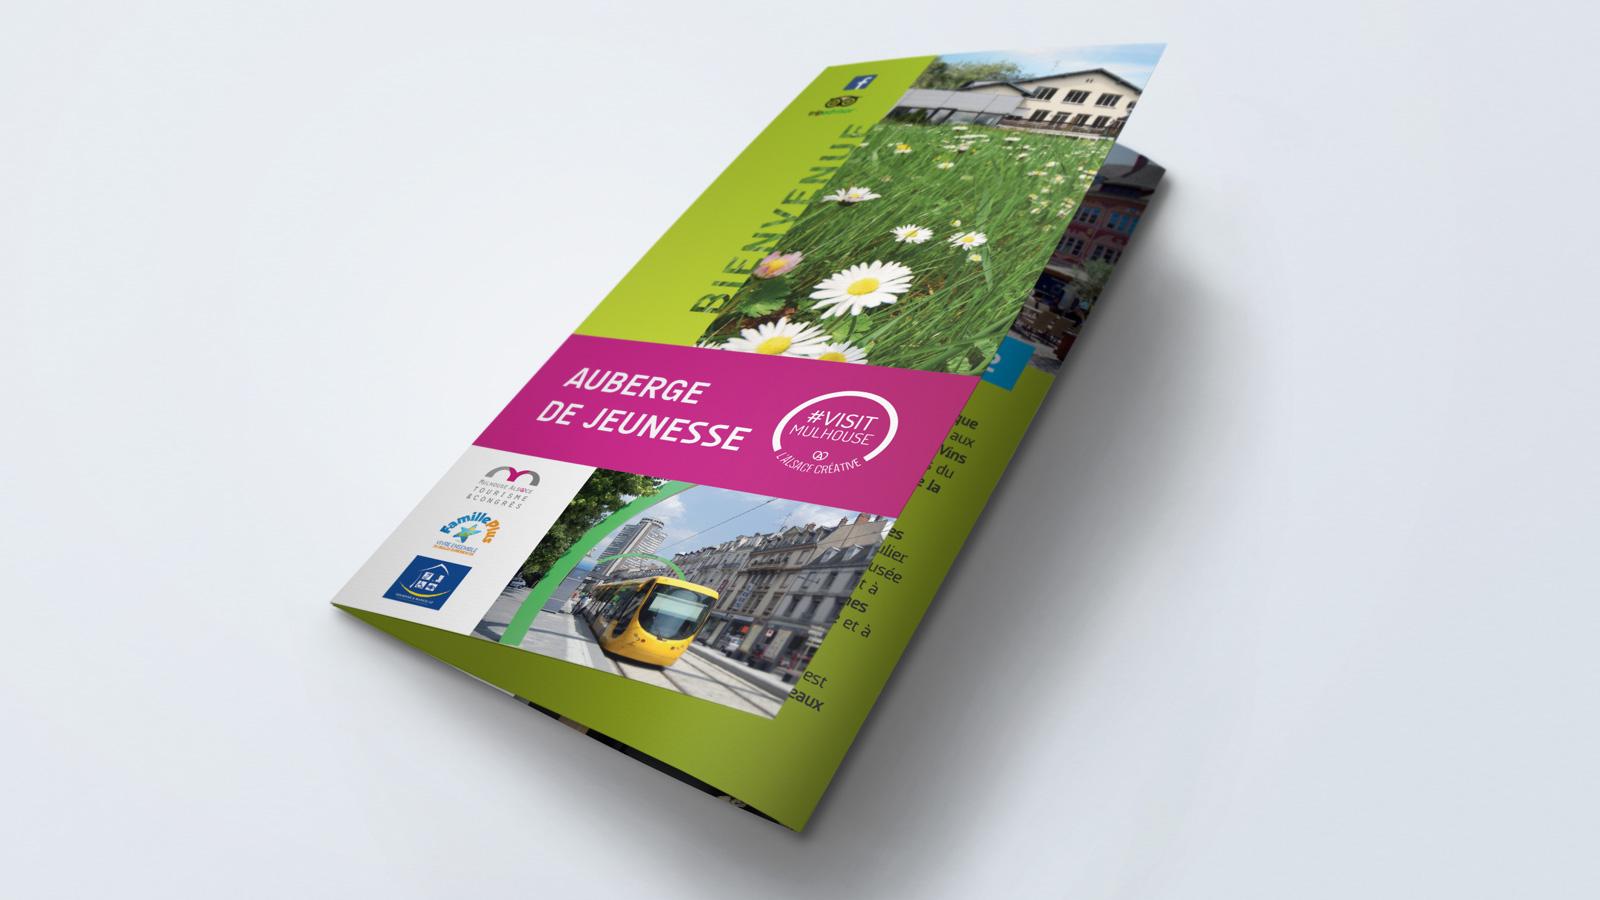 Plaquette publicitaire de l'Auberge de Jeunesse de Mulhouse